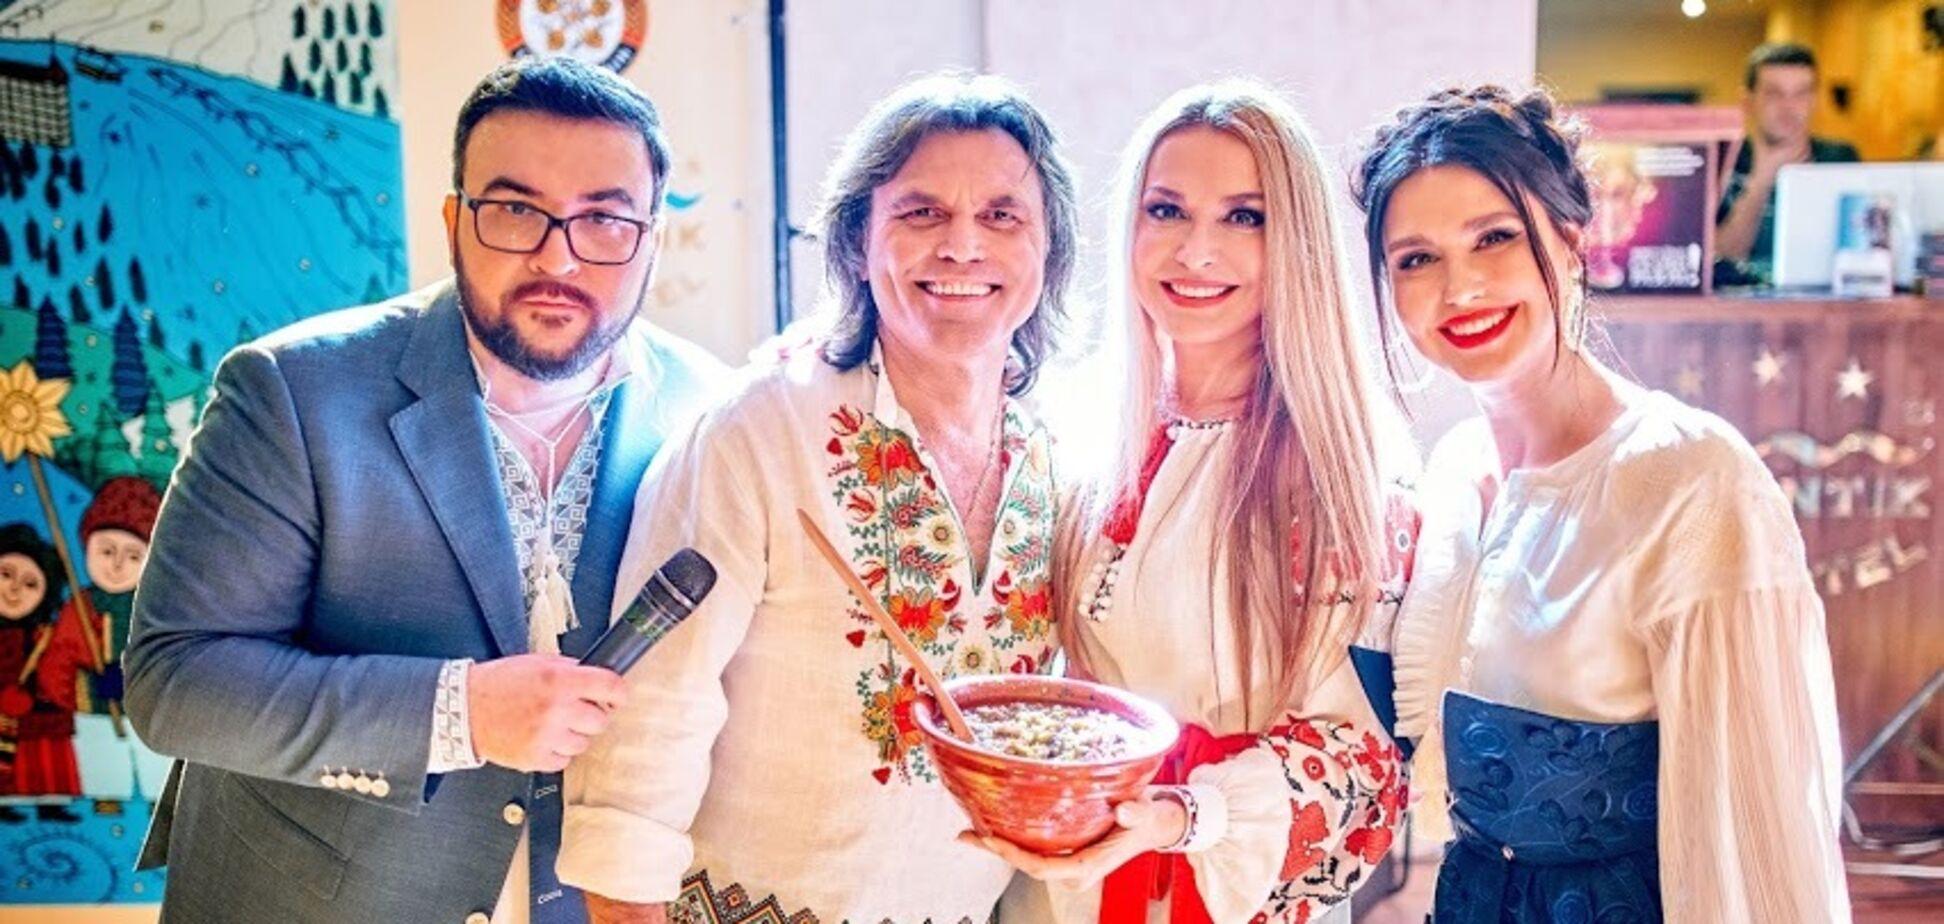 Украинские звезды встретили Рождество в Карпатах, где соревновались за звание лучшего кулинара